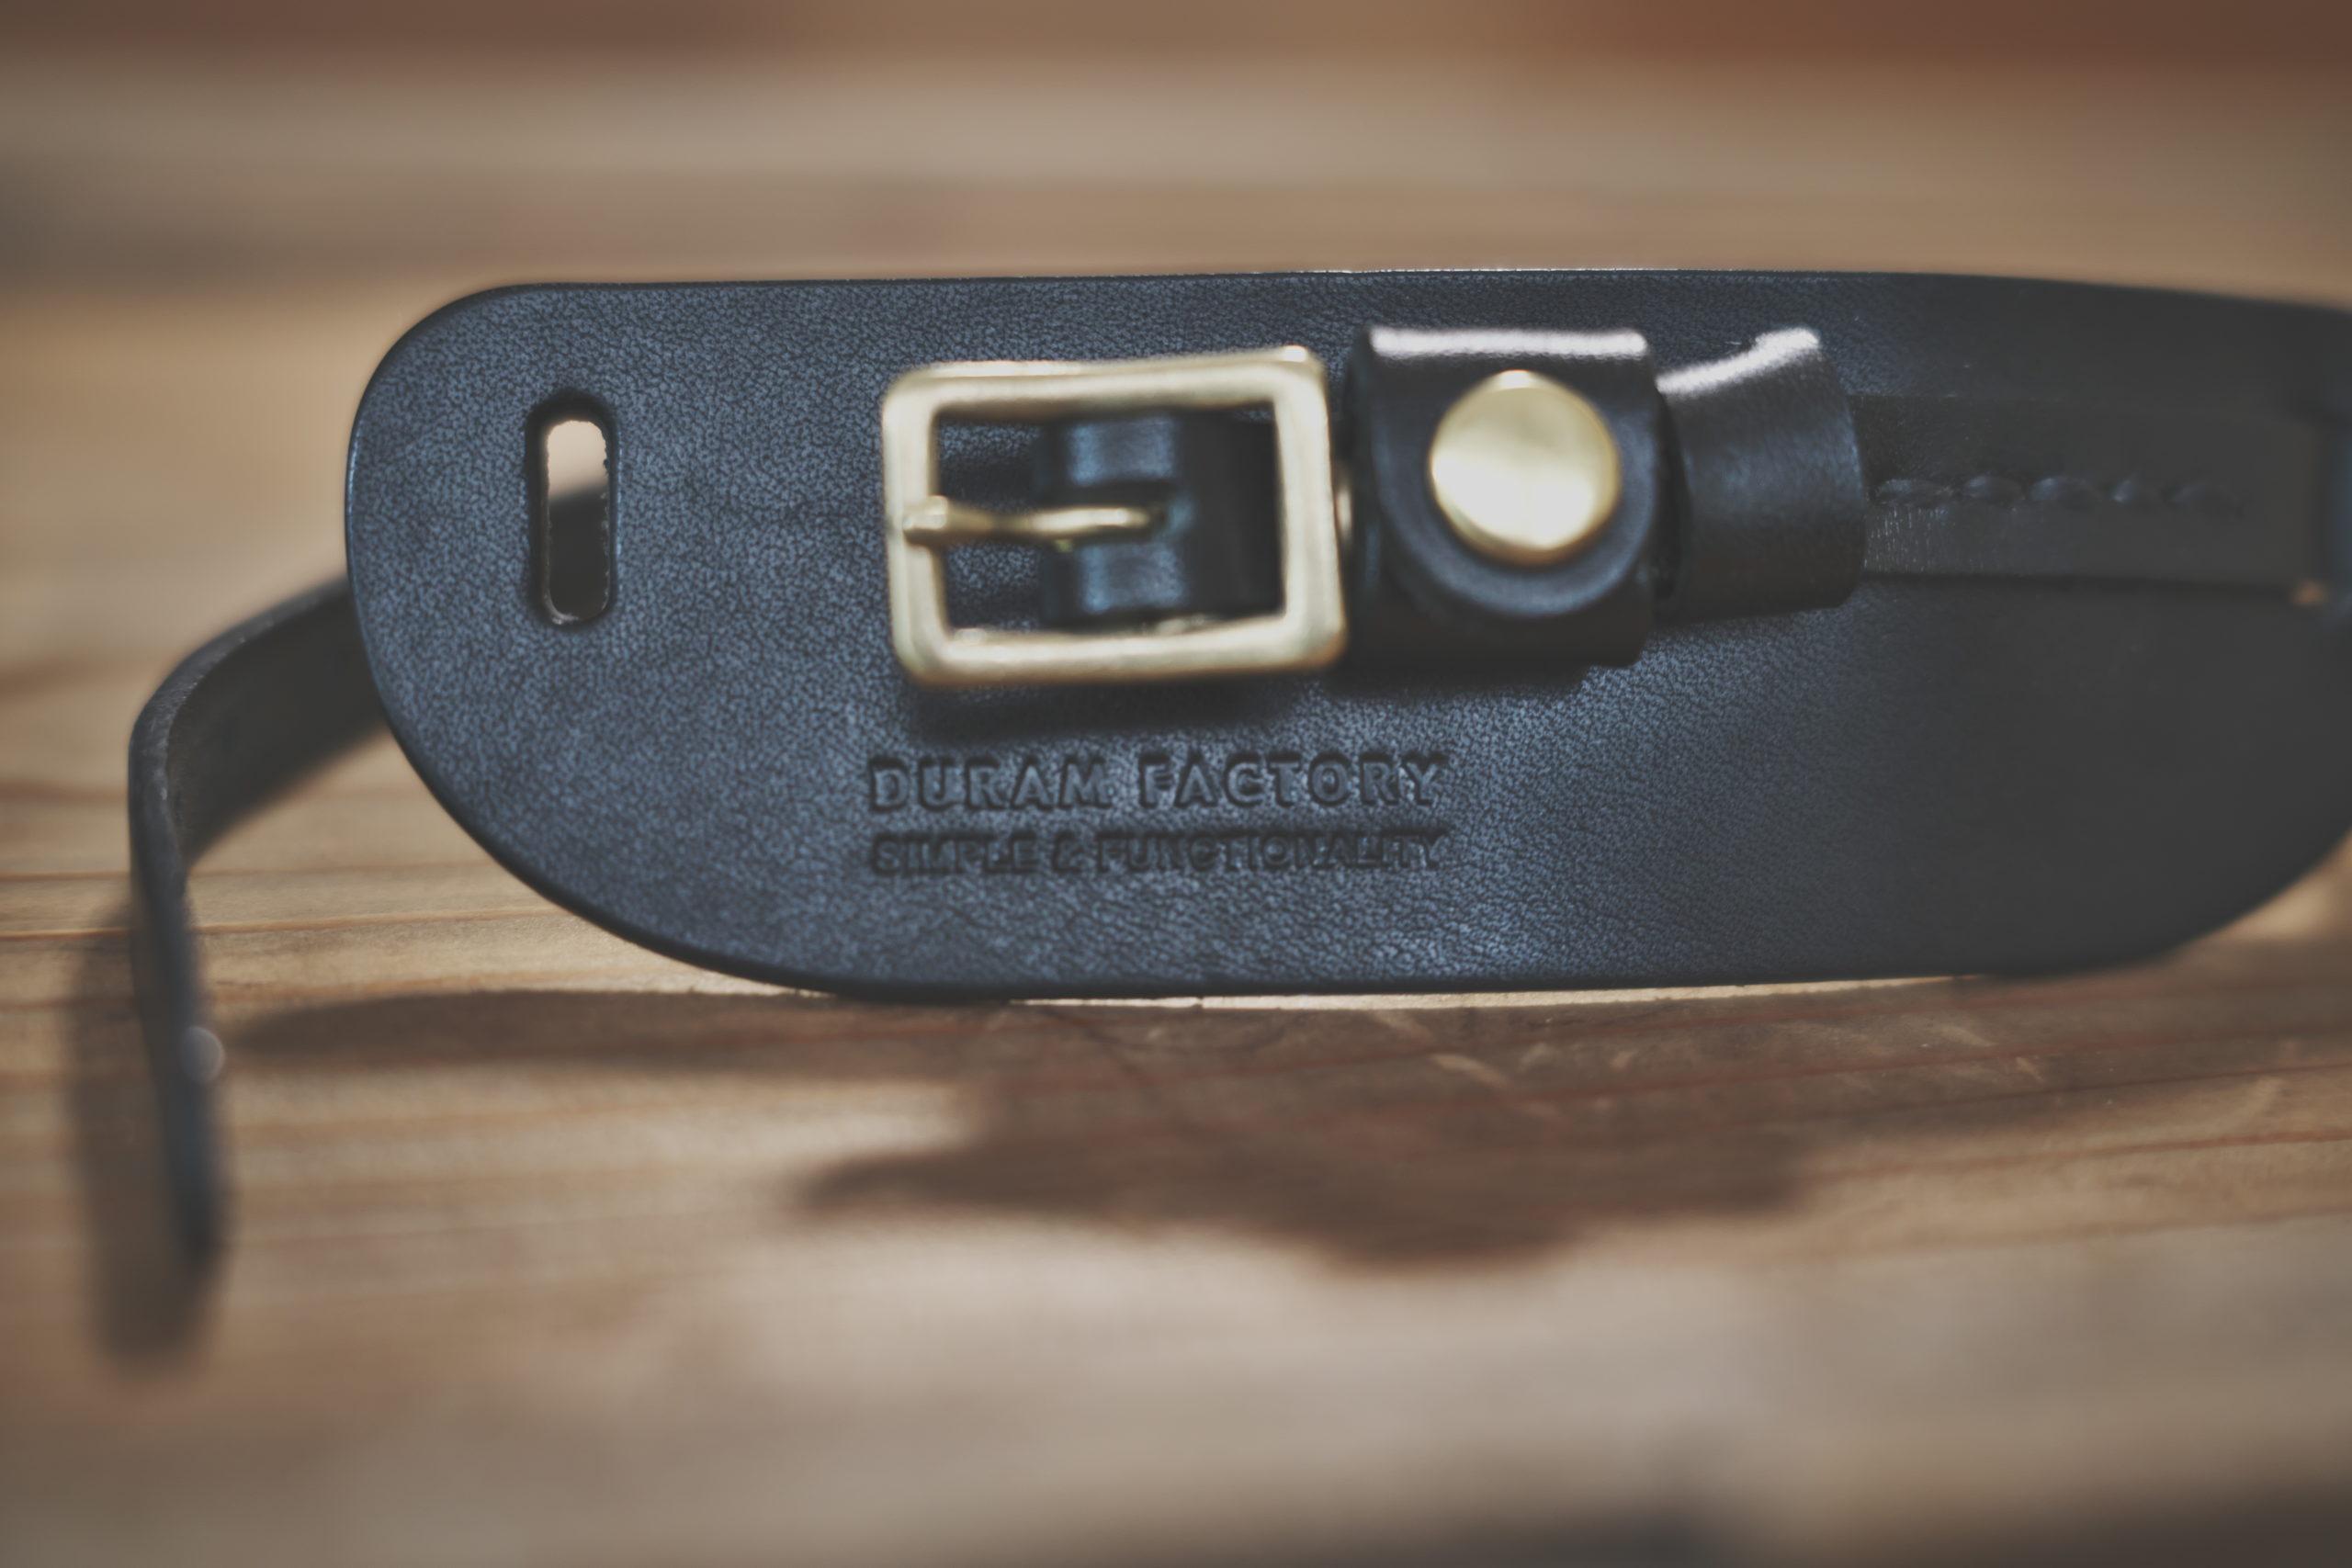 DURAMカメラ用革製ハンドストラップ-Detail